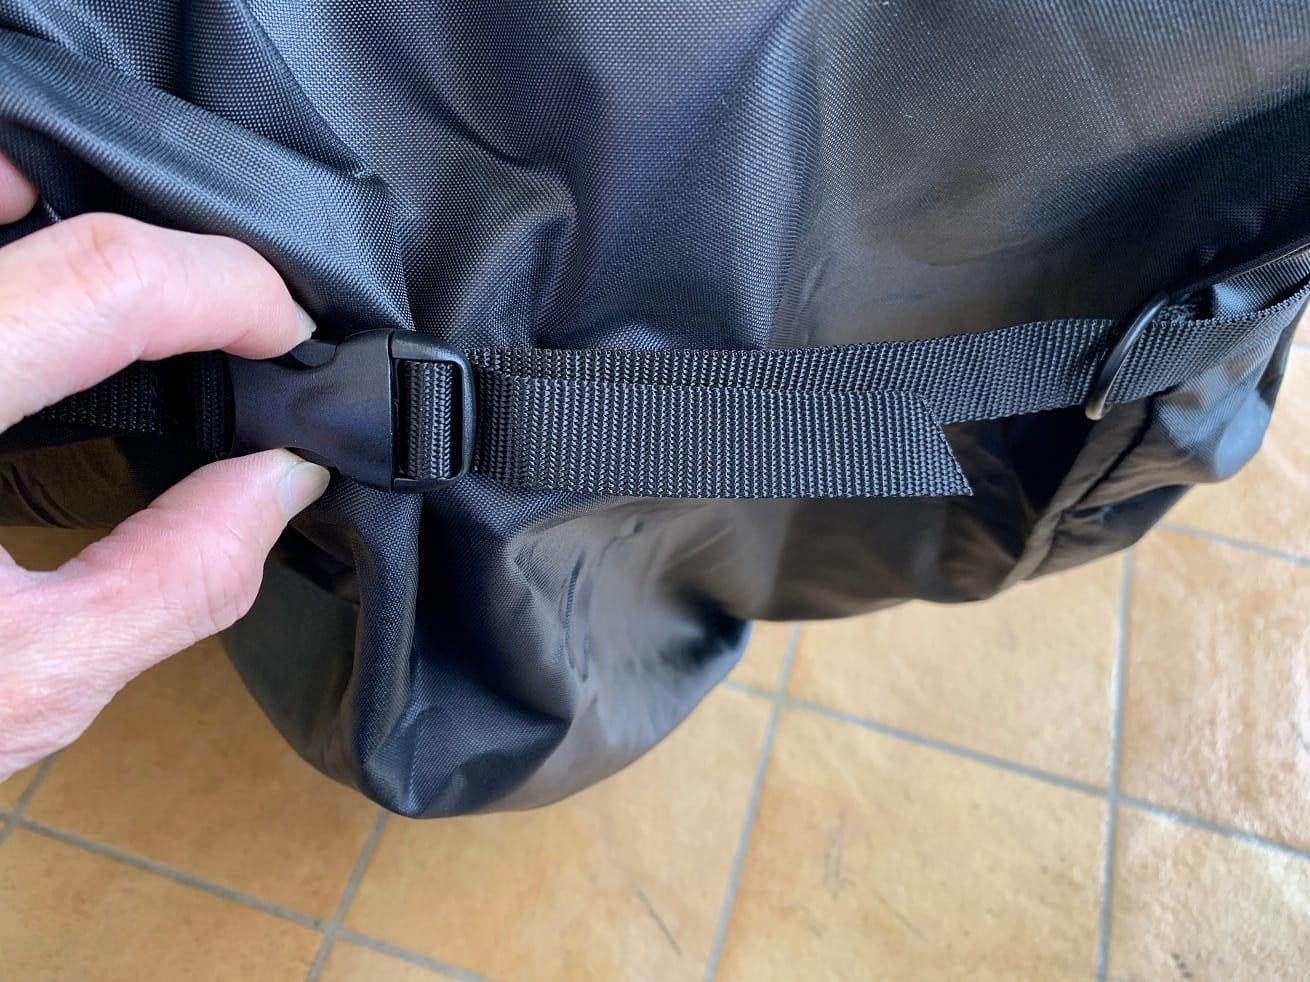 ちび輪バッグ輪行袋のサイドのバックルは解除しておくと収納しやすい